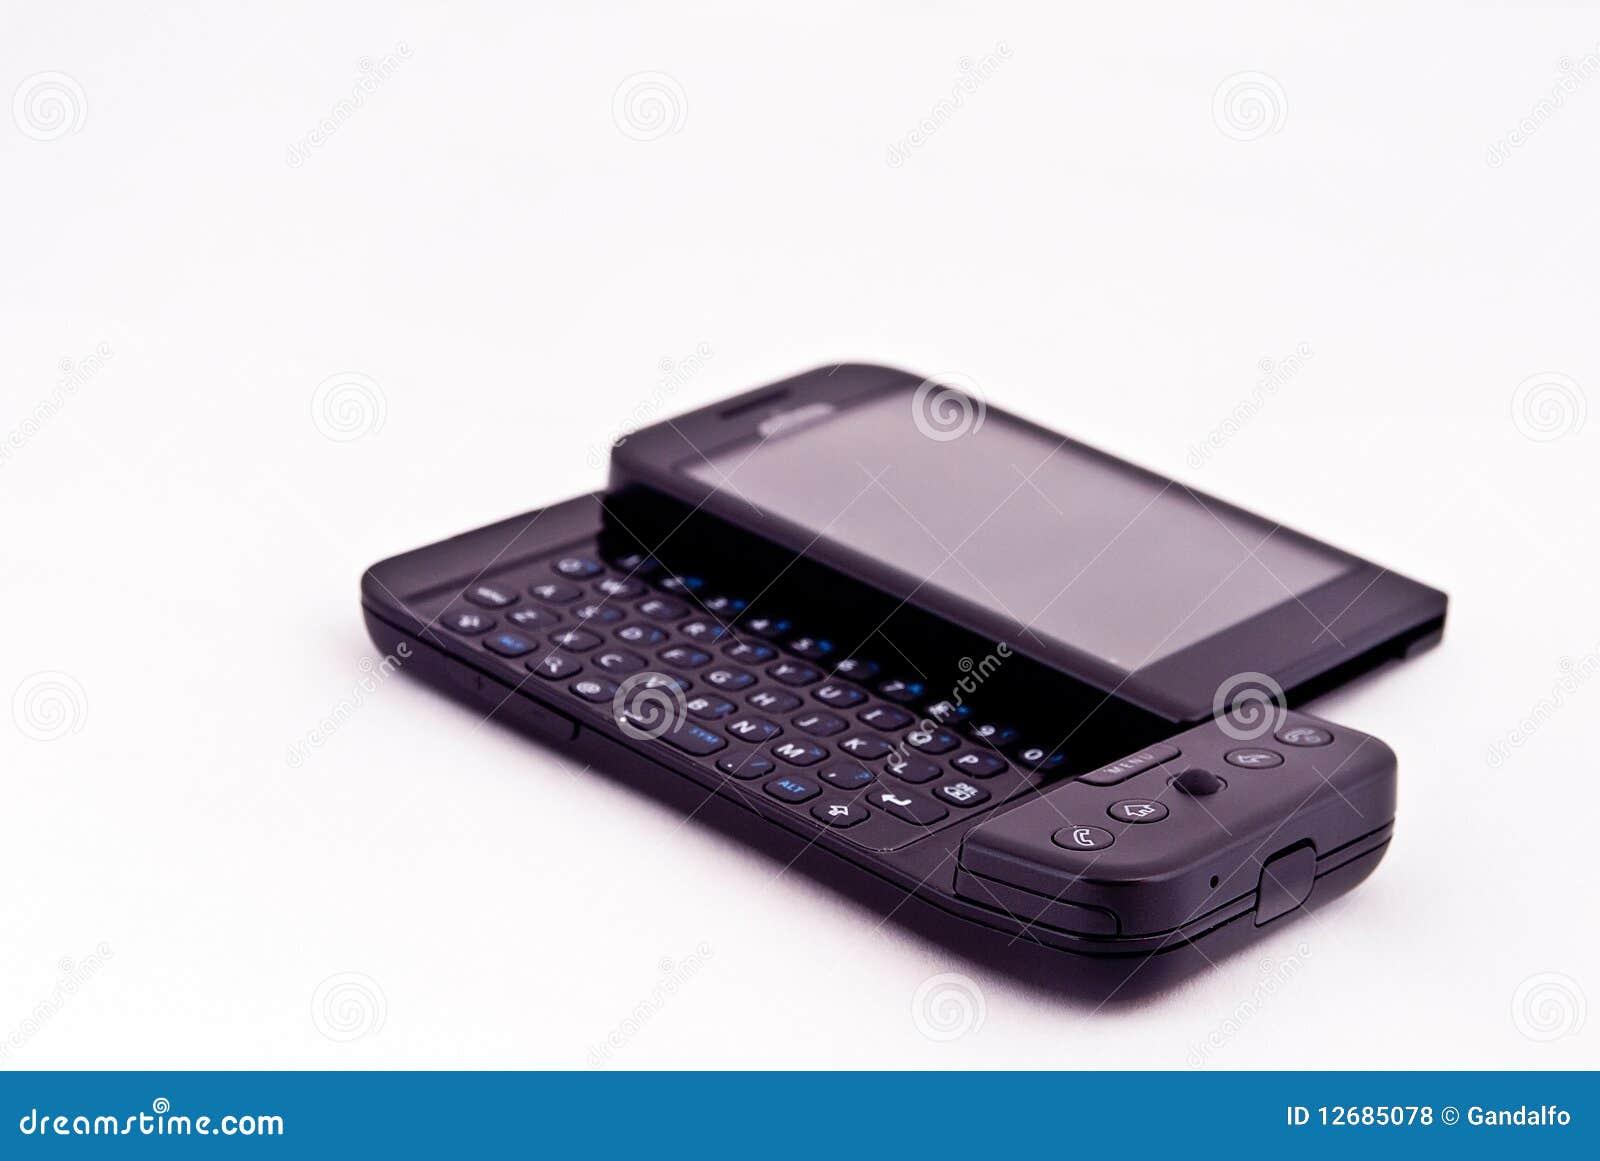 Telefono mobile su bianco fotografia stock immagine di for Mobile telefono